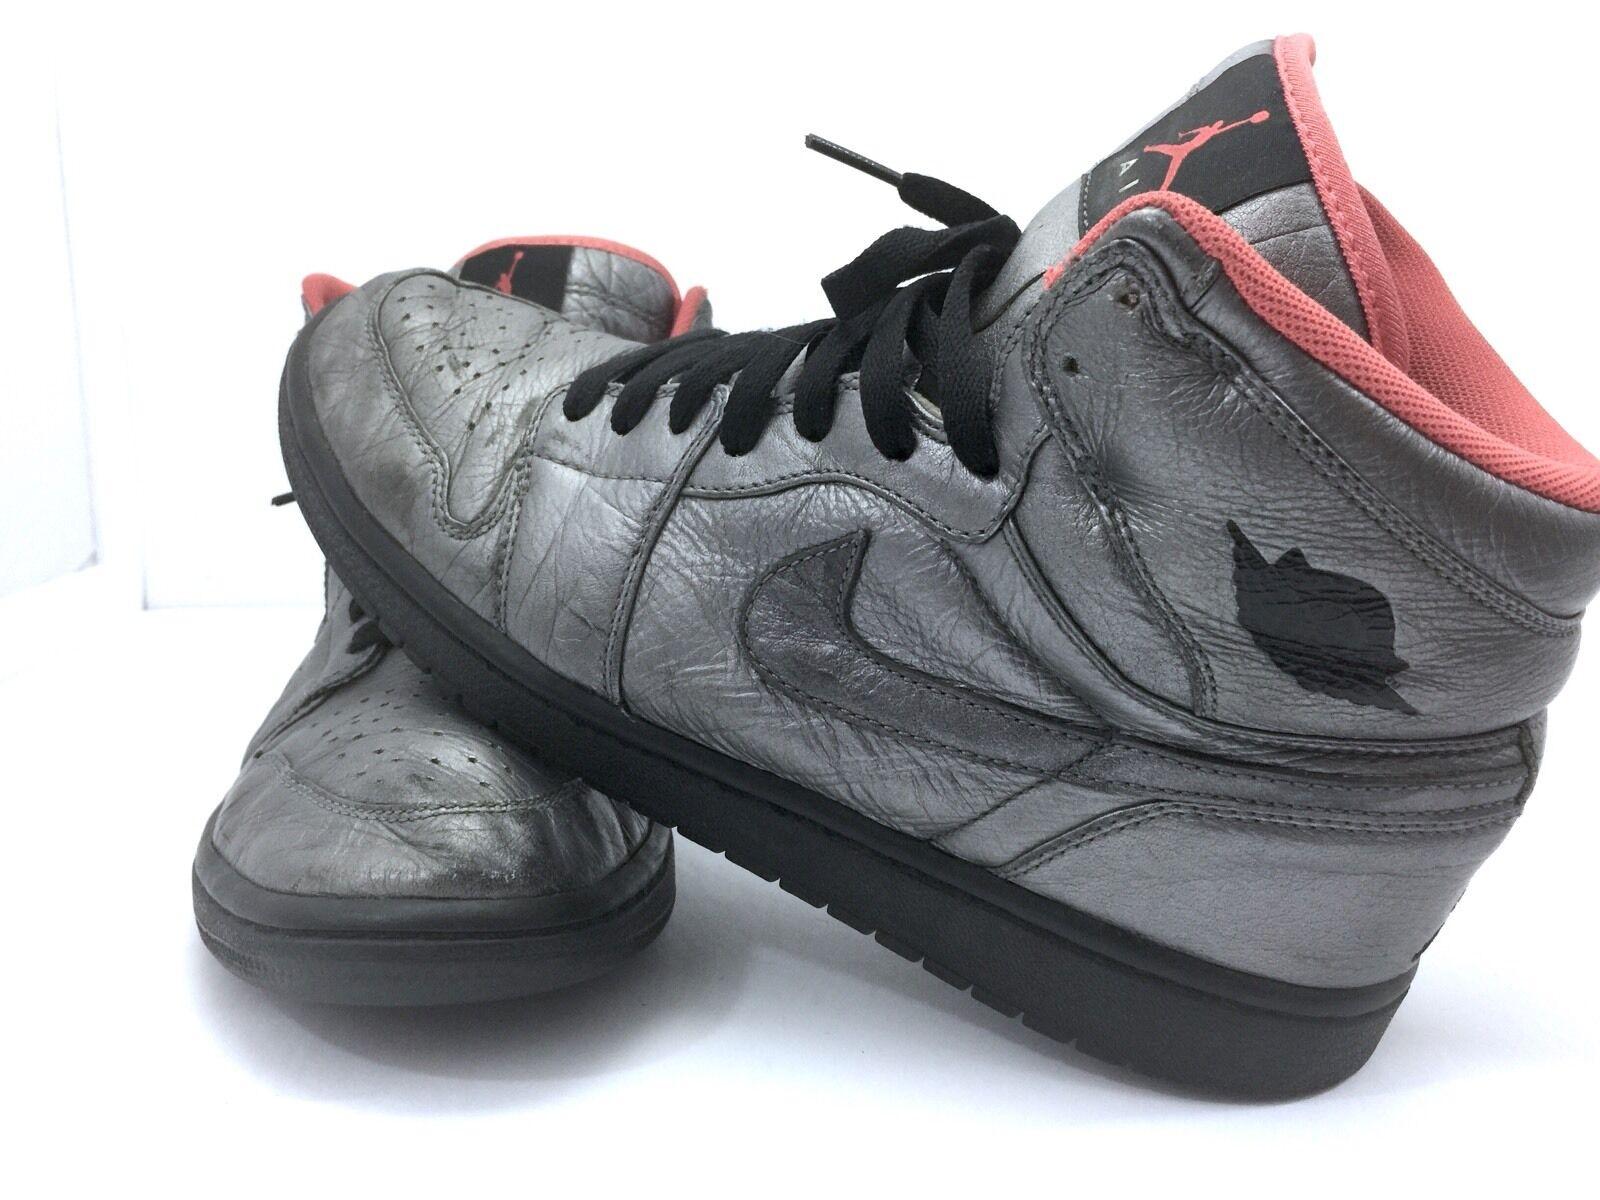 new product 9dab1 d3873 8 noviembre, 2013. By Nosolodoctor   Nosoloángel. 2018 Nike Air Air Air  Jordan 1 peltre cuero zapatos de baloncesto de los hombres casual